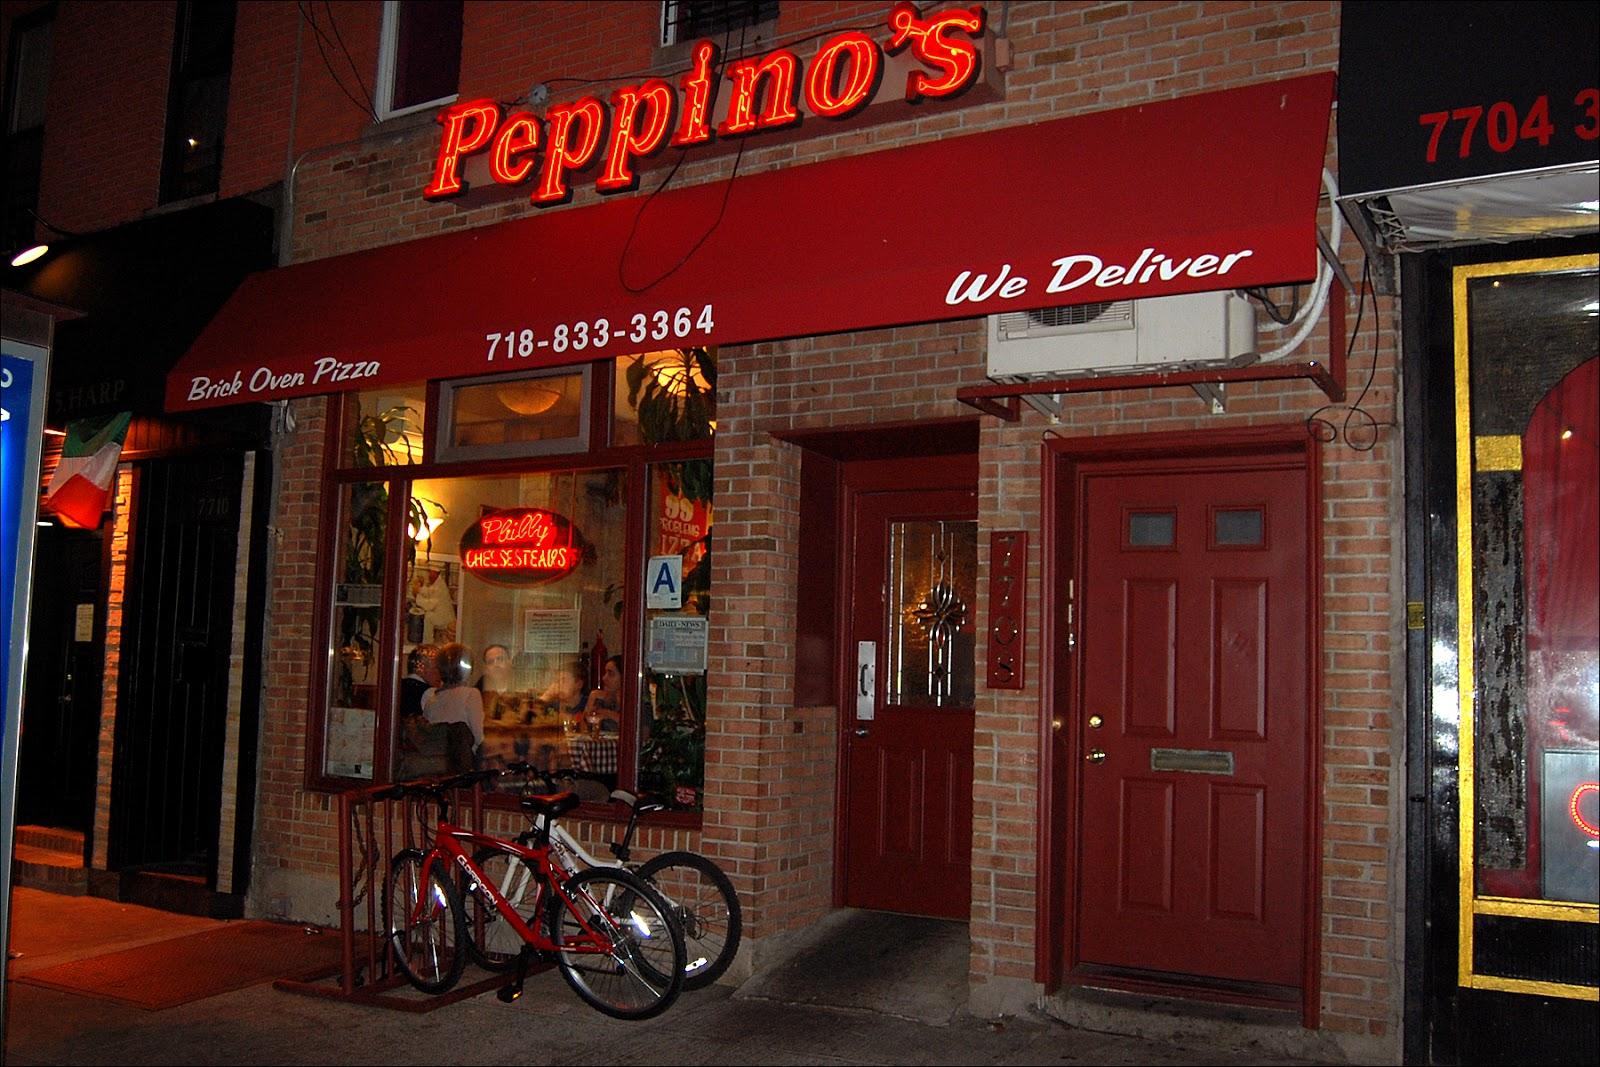 Peppino S Pizza: Peppino's Pizzeria Restaurant